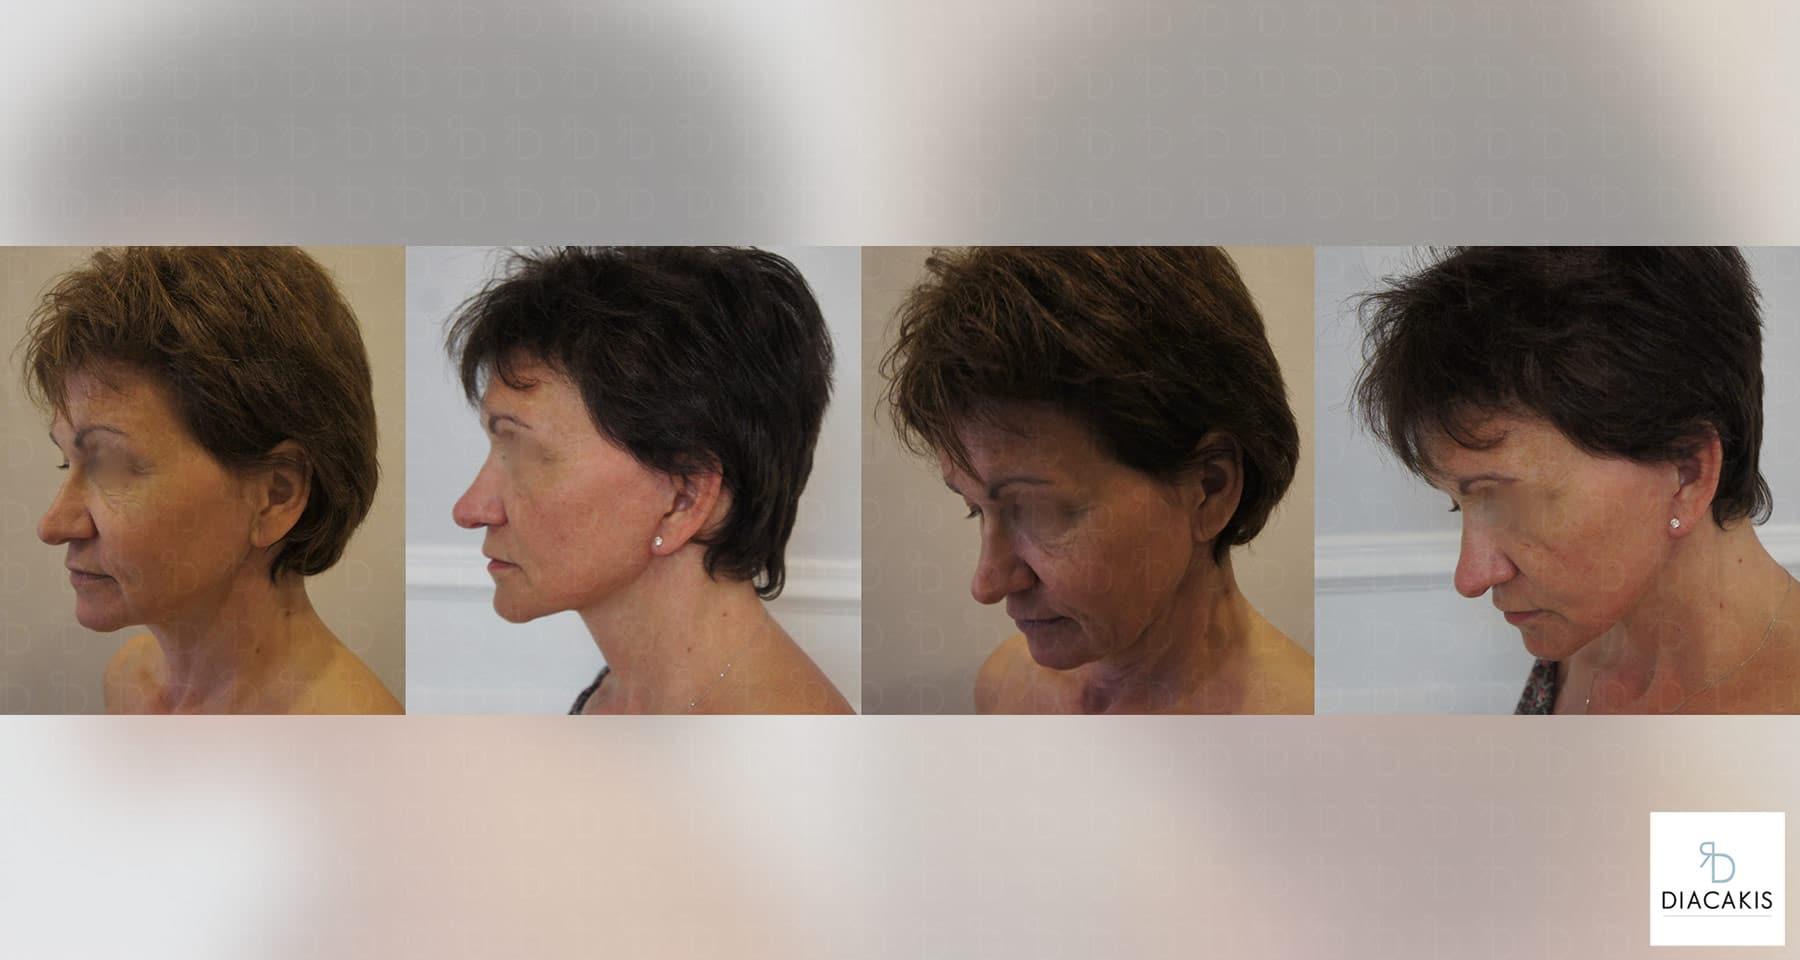 lifting-visage-chirurgie-esthetique-paris-docteur-diacakis-3